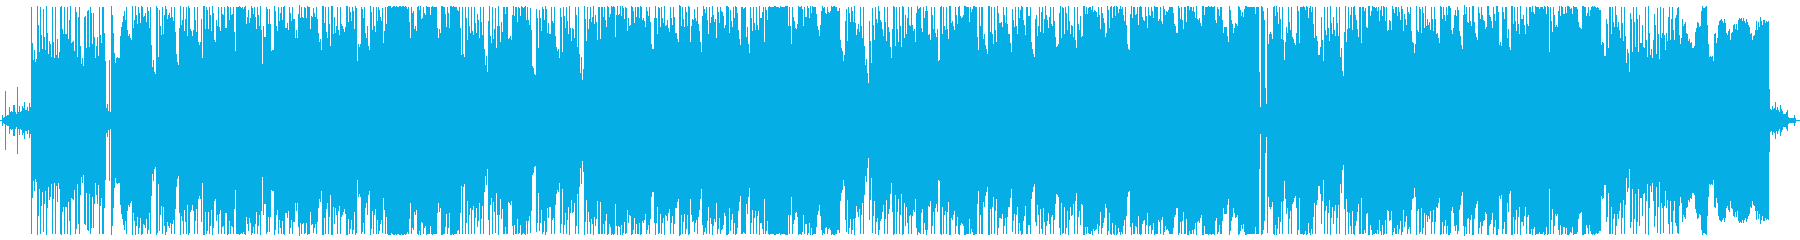 ノクターン第2番・ボサノバアレンジ1の再生済みの波形